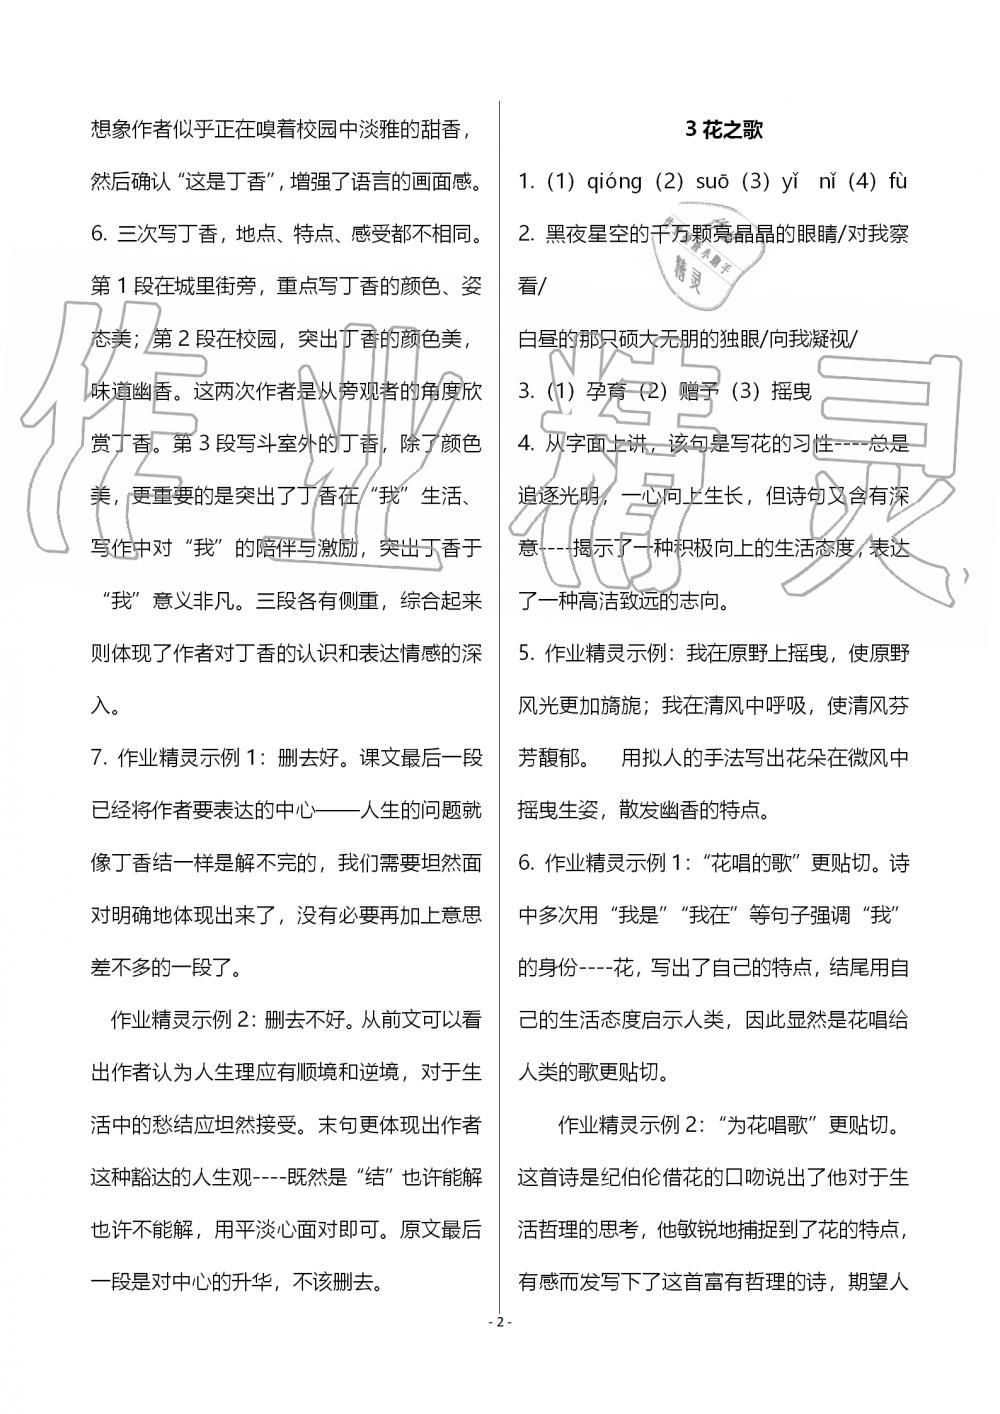 2019年语文练习部分六年级第一学期人教版五四制第2页